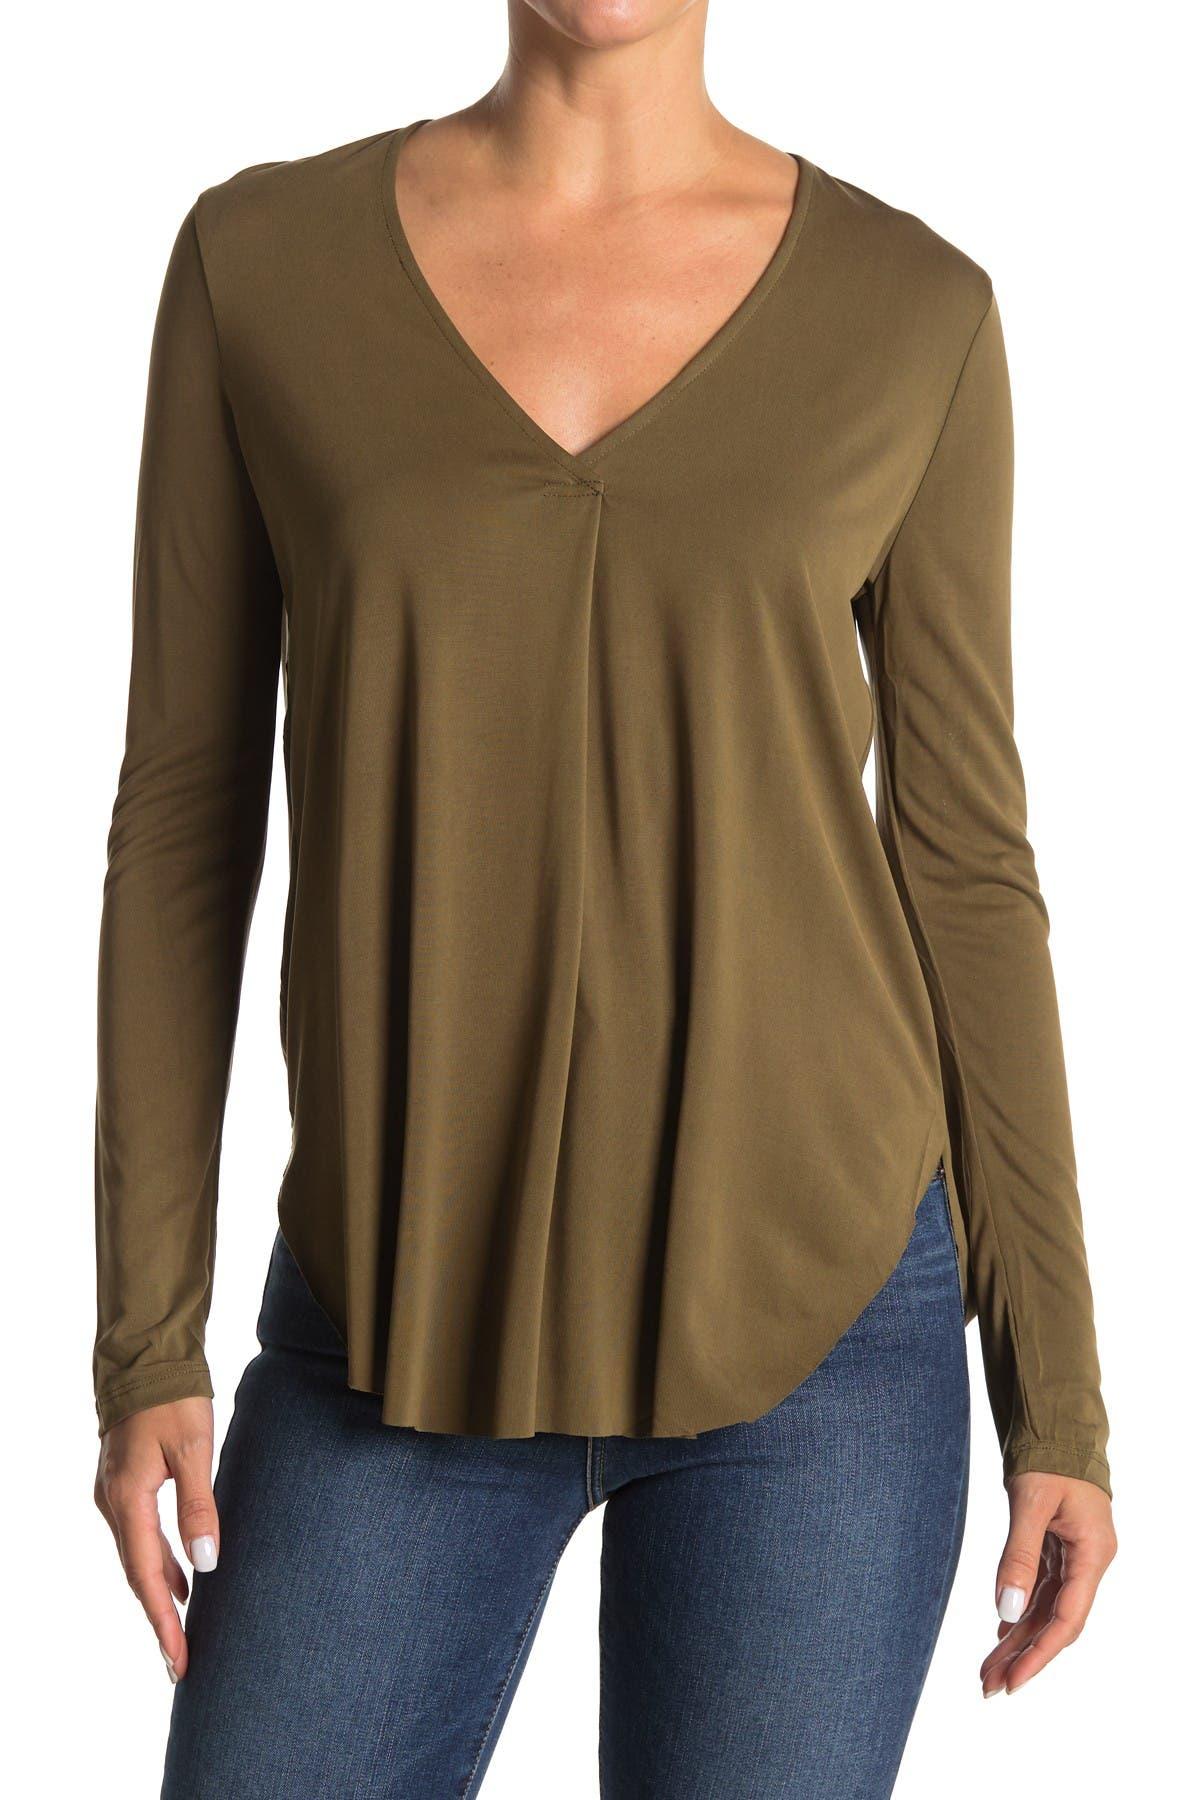 Image of Lush V-Neck Long Sleeve Tunic Top